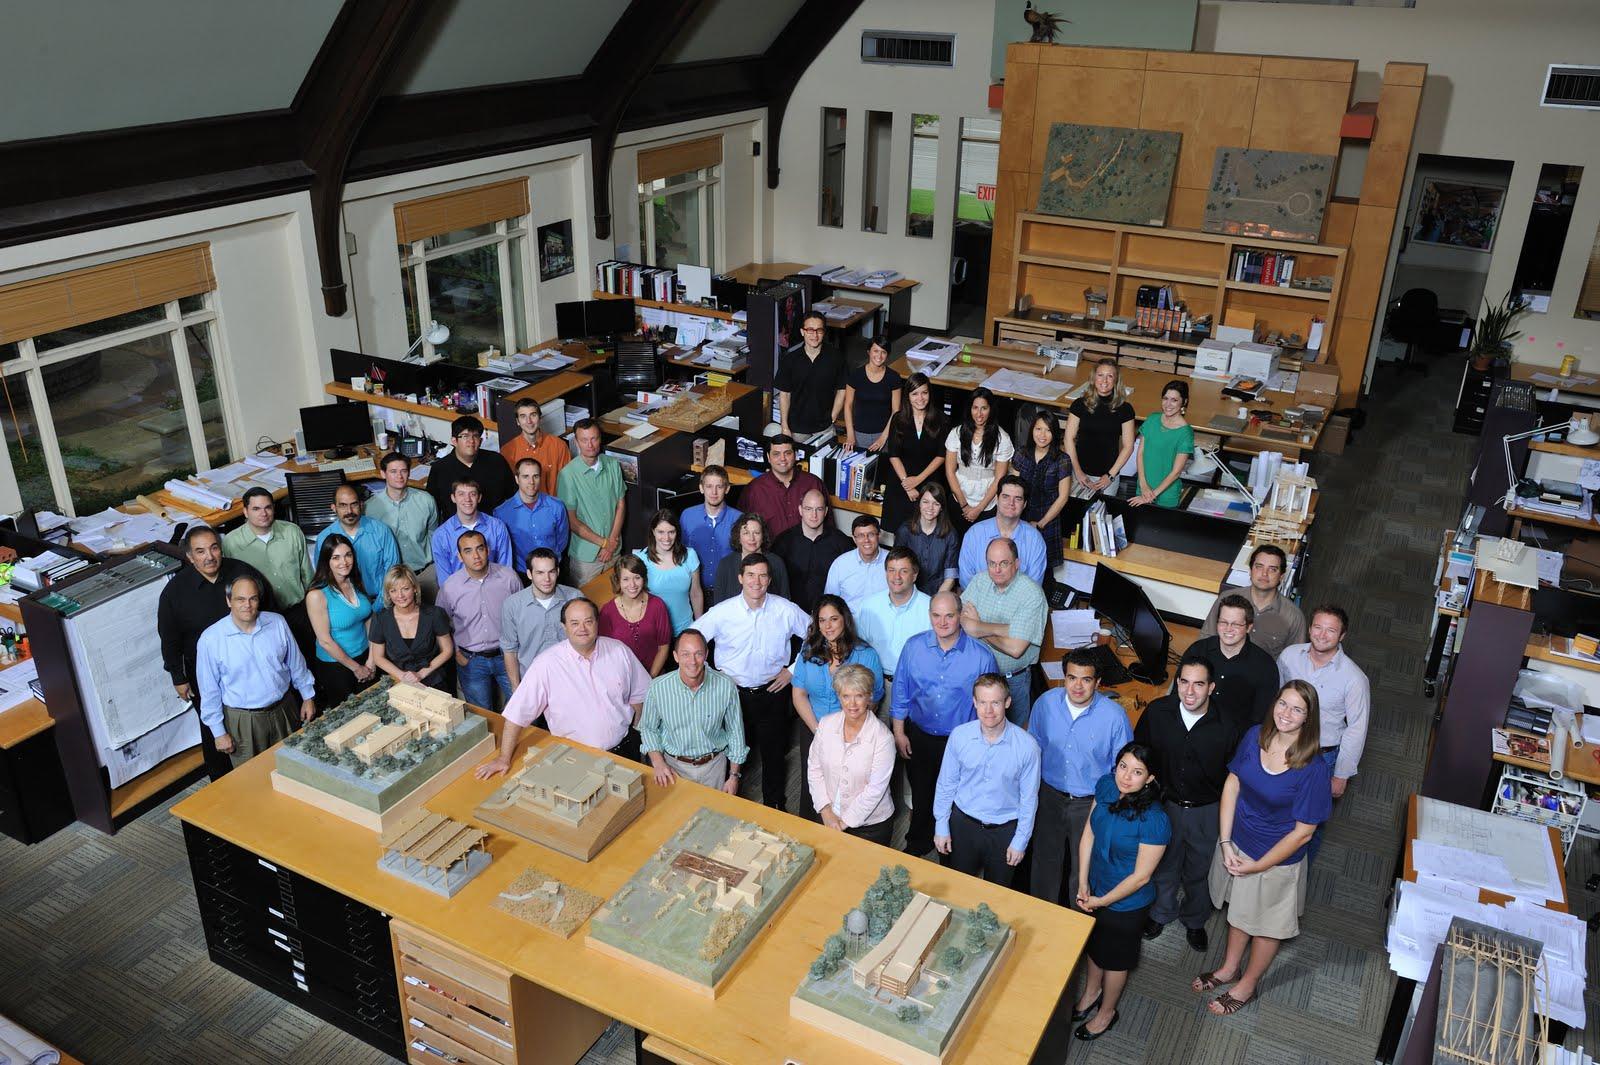 texas society of architects: 2010 tsa architecture firm award